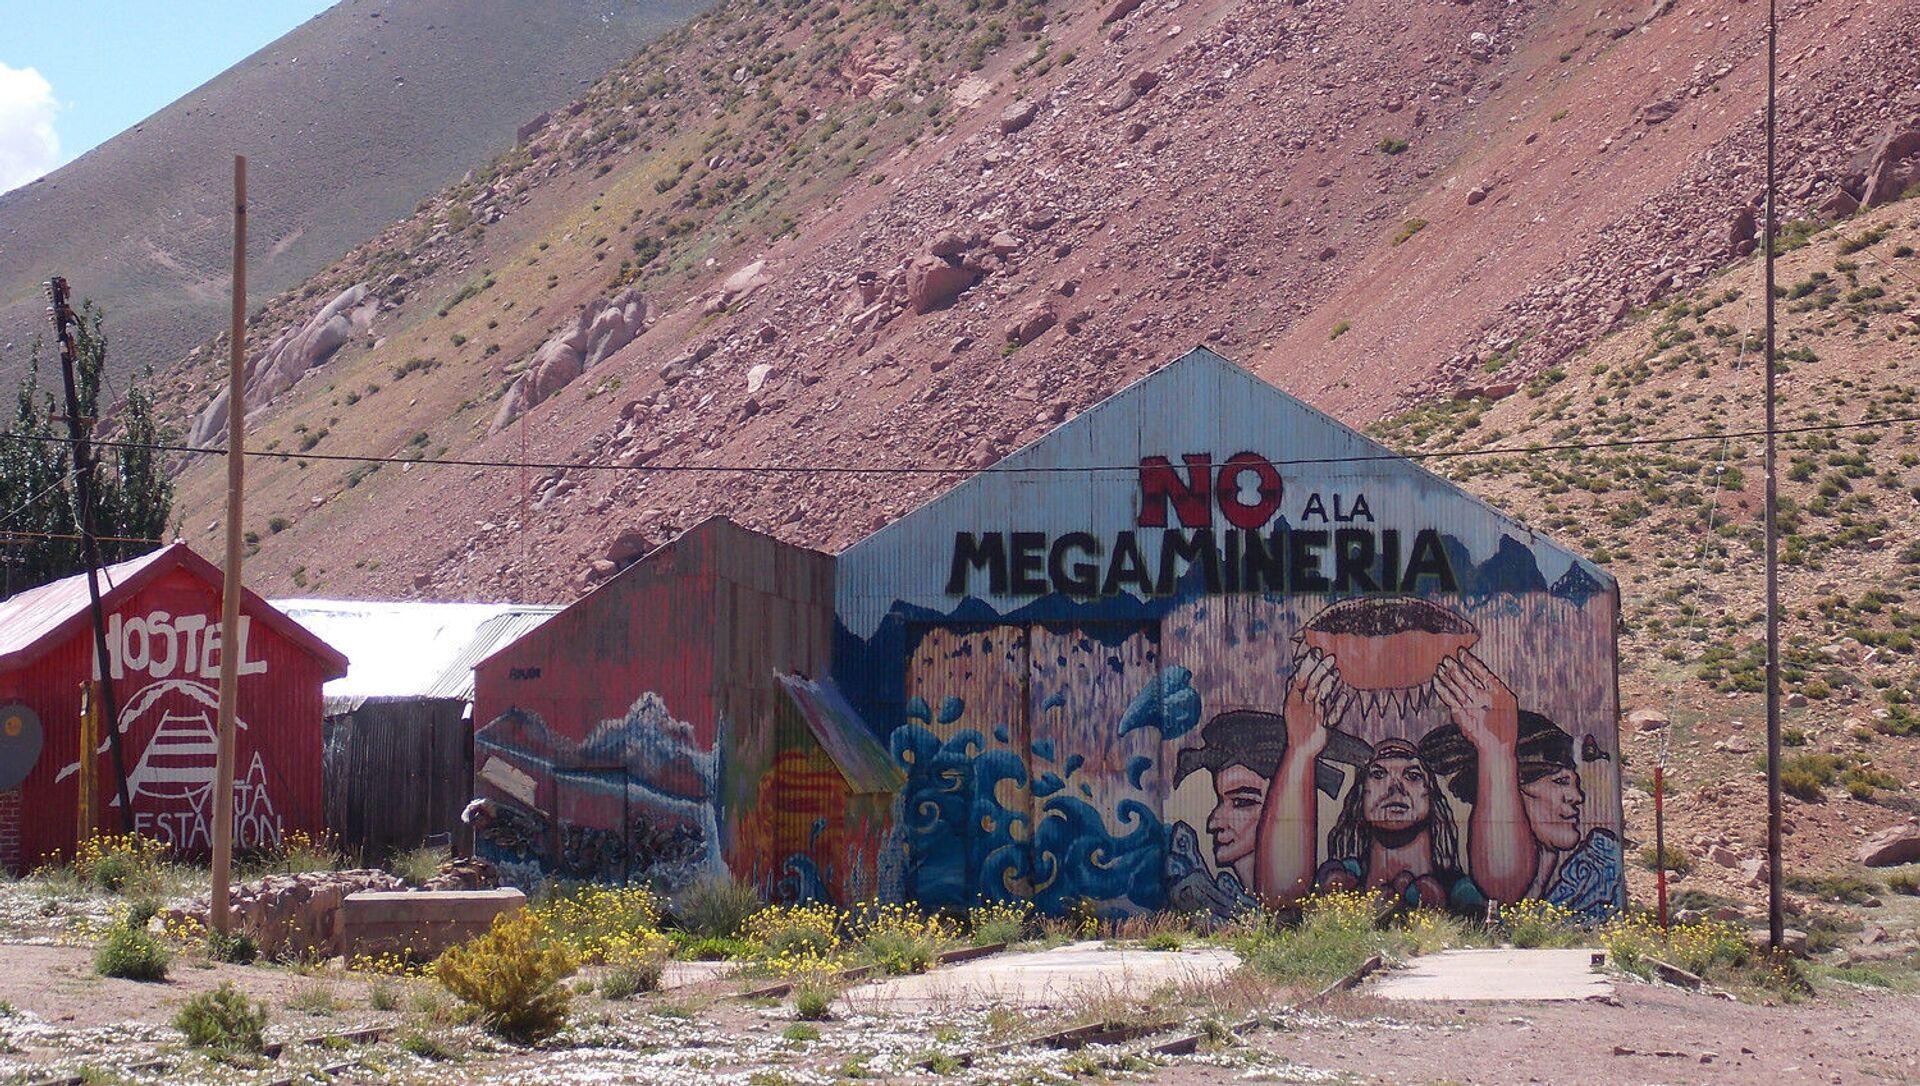 Mural contra megaminería en ruta de Mendoza a Chile  - Sputnik Mundo, 1920, 26.12.2019